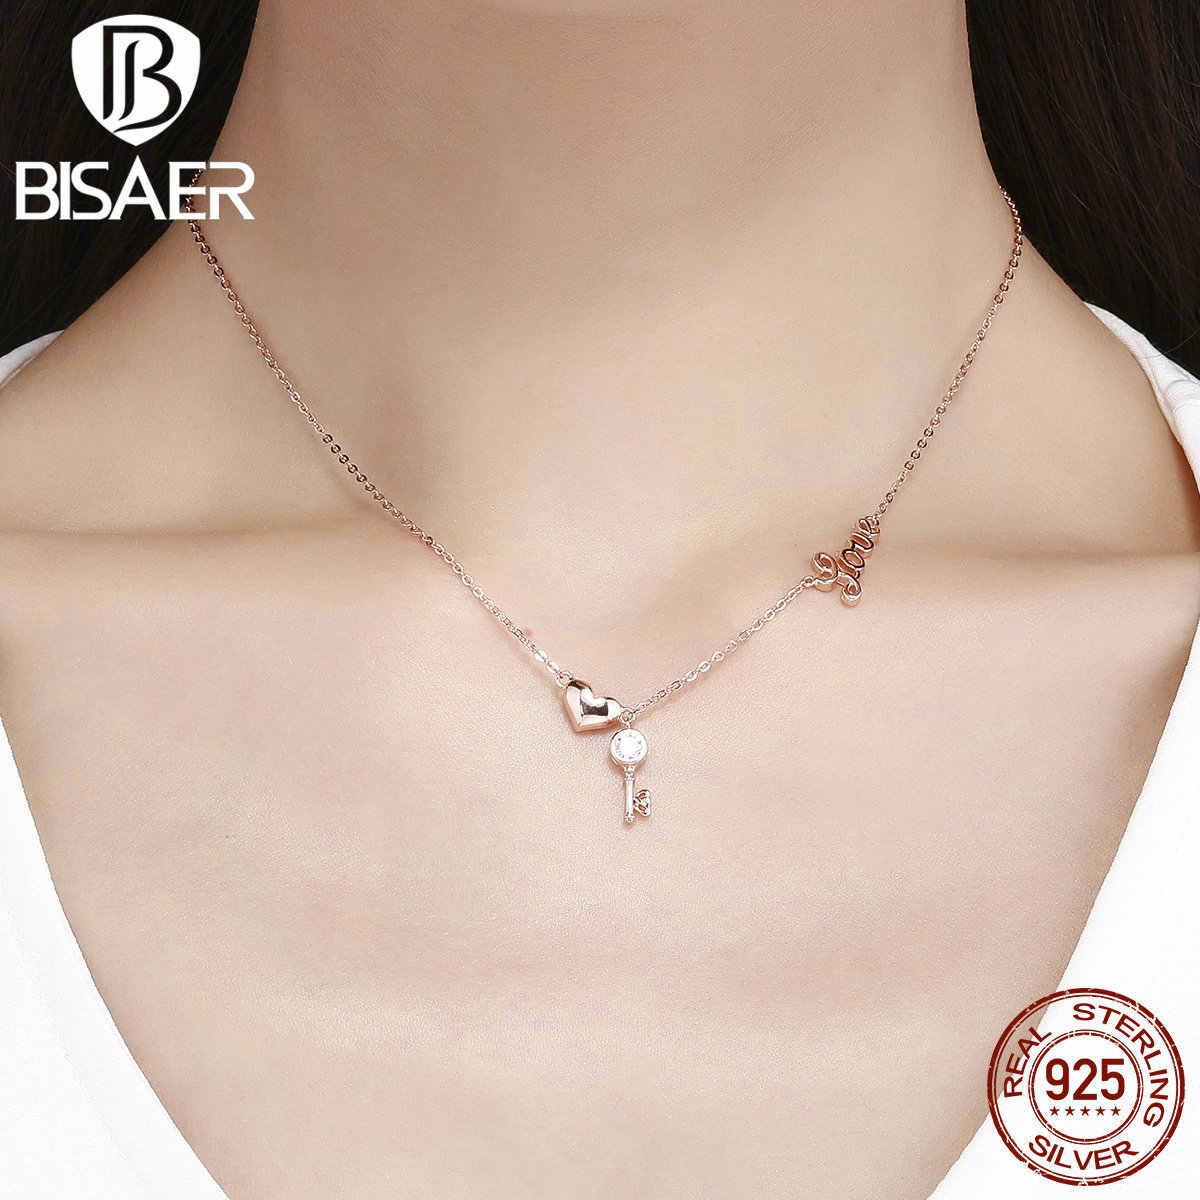 BISAER Серебряное ожерелье 925 пробы Серебряное сердце замок любовь брелок колье ожерелье Femme розовое золото цвет ювелирные изделия женские GXN292